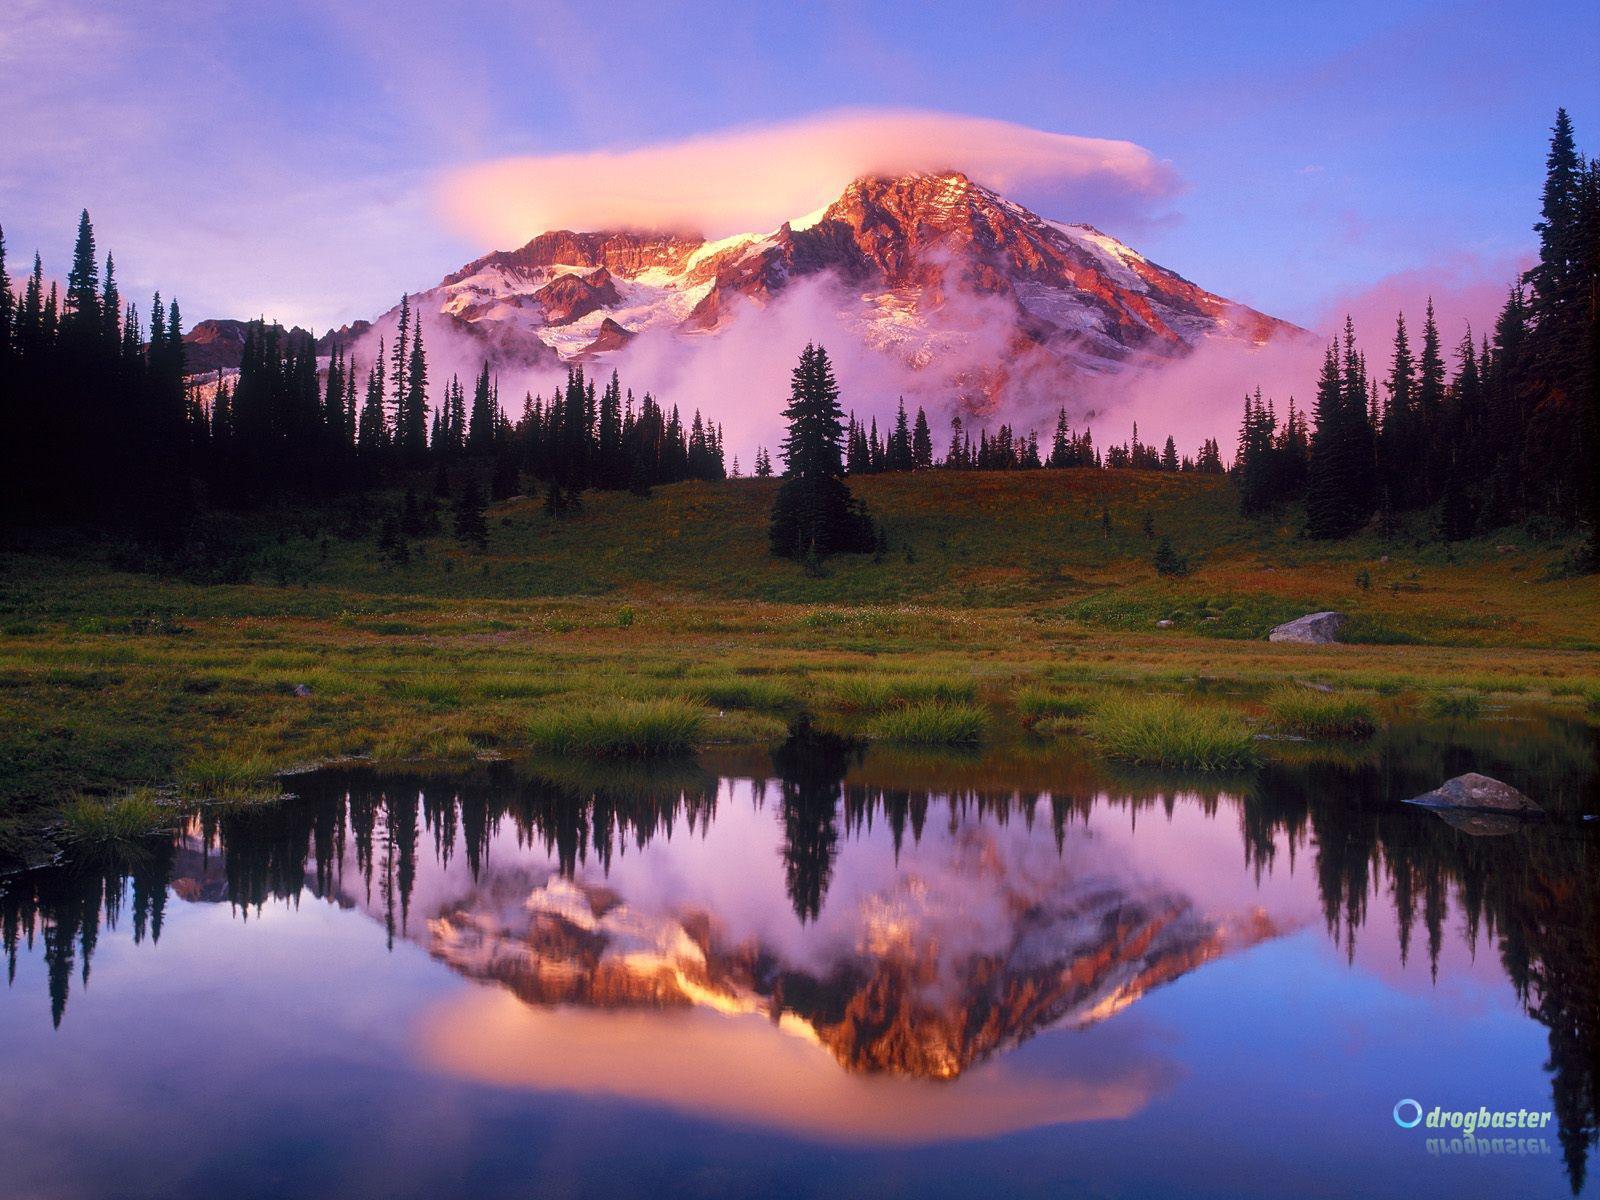 Sfondi dei paesaggi pi belli del mondo for Immagini paesaggi hd